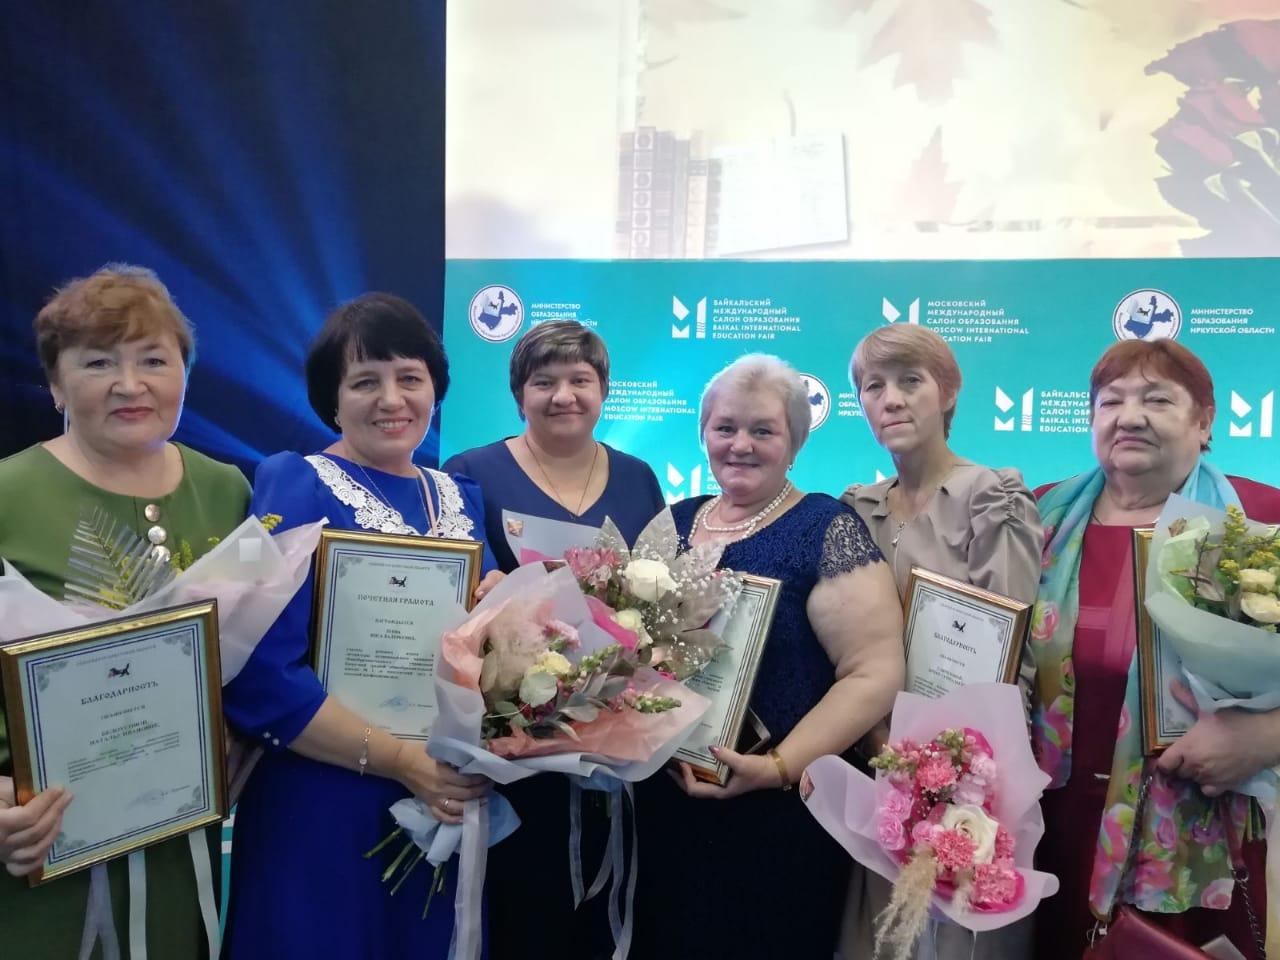 «Байкальский международный салон образования-2019»